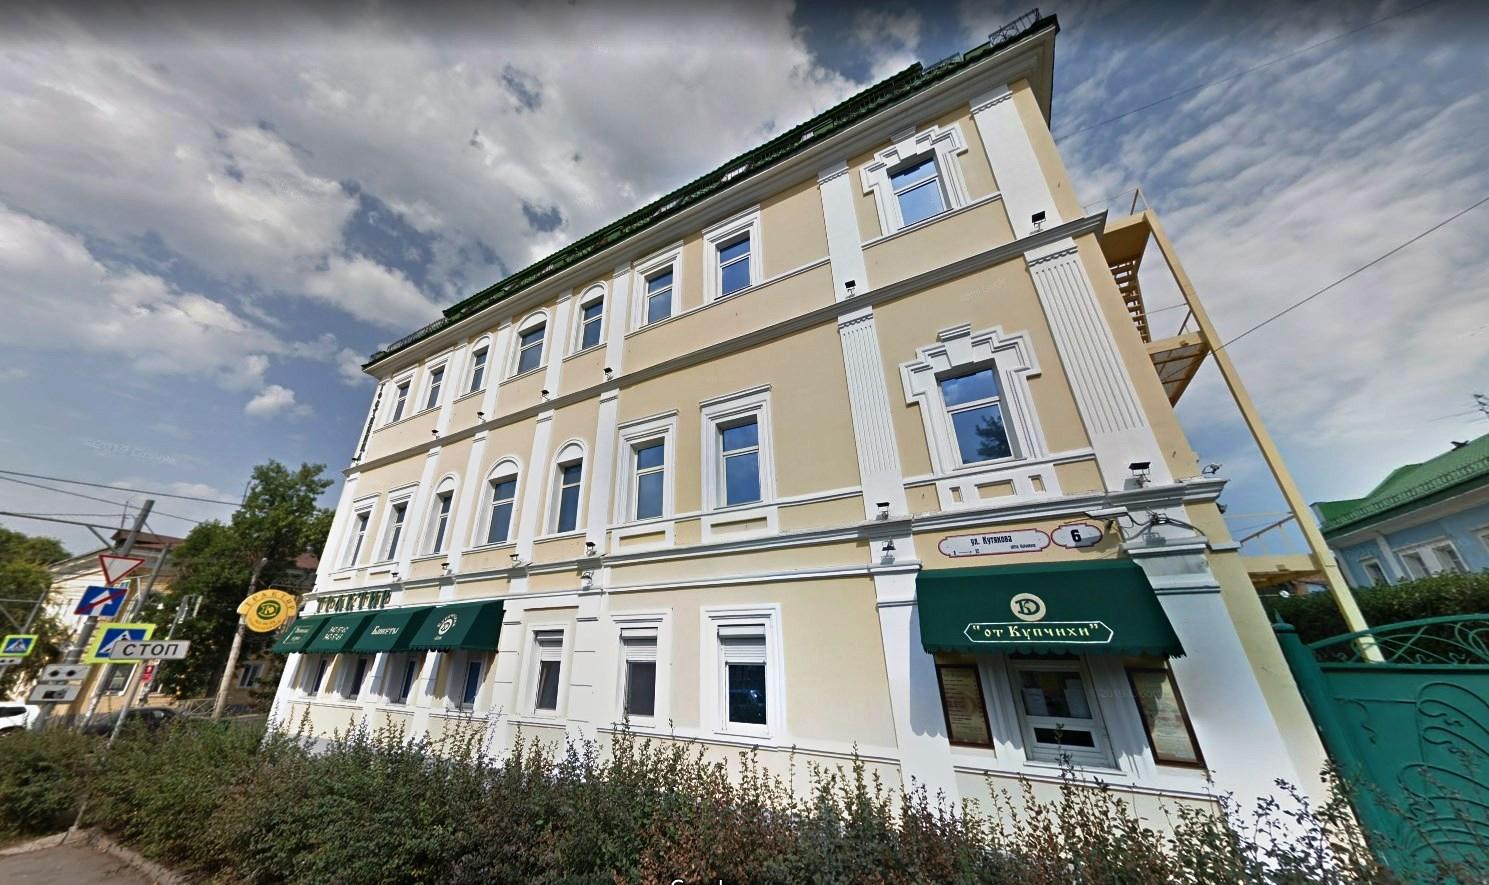 Кутякова 6 -- Дом купчихи Шадриной